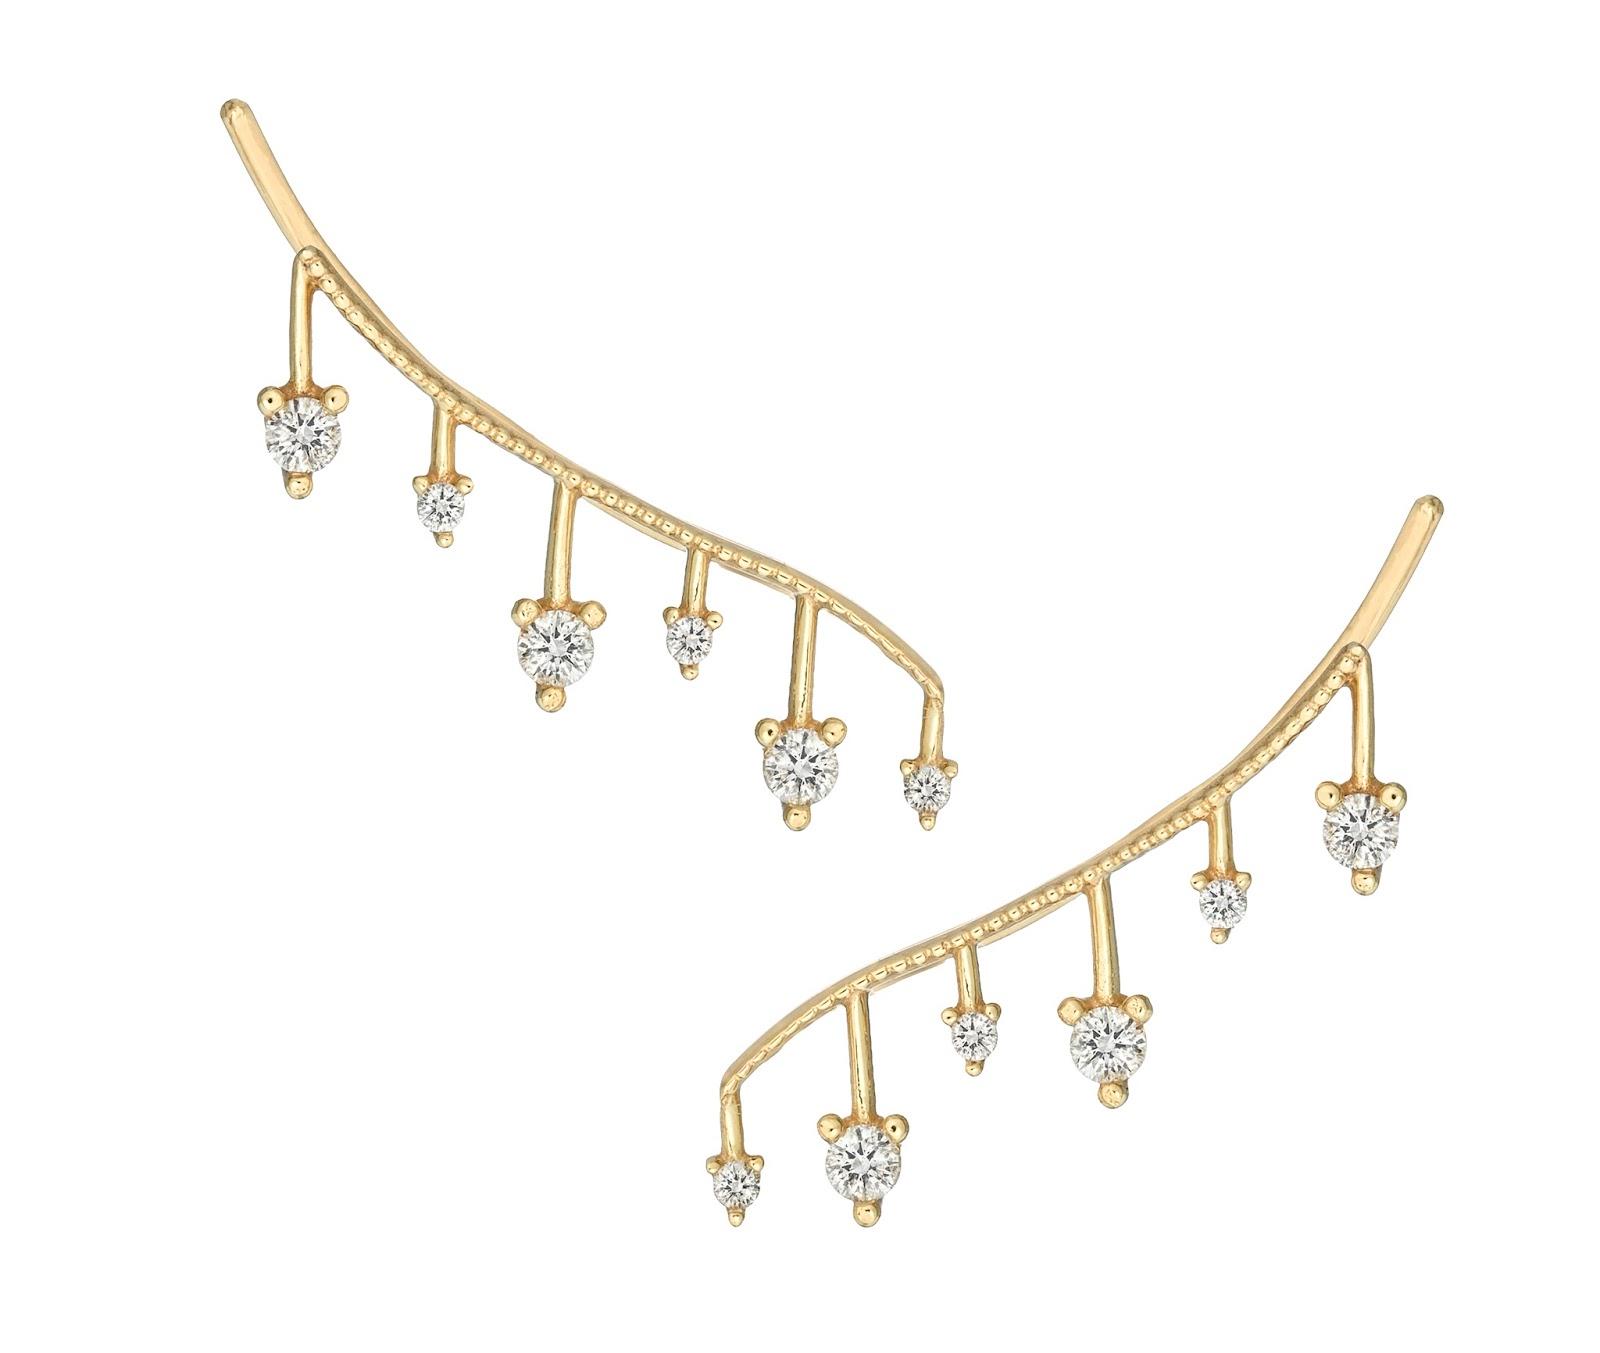 f26f0c78db6 A nova coleção da Dryzun retrata a delicadeza e o poder feminino ao unir a  riqueza do ouro amarelo com a vivacidade dos diamantes